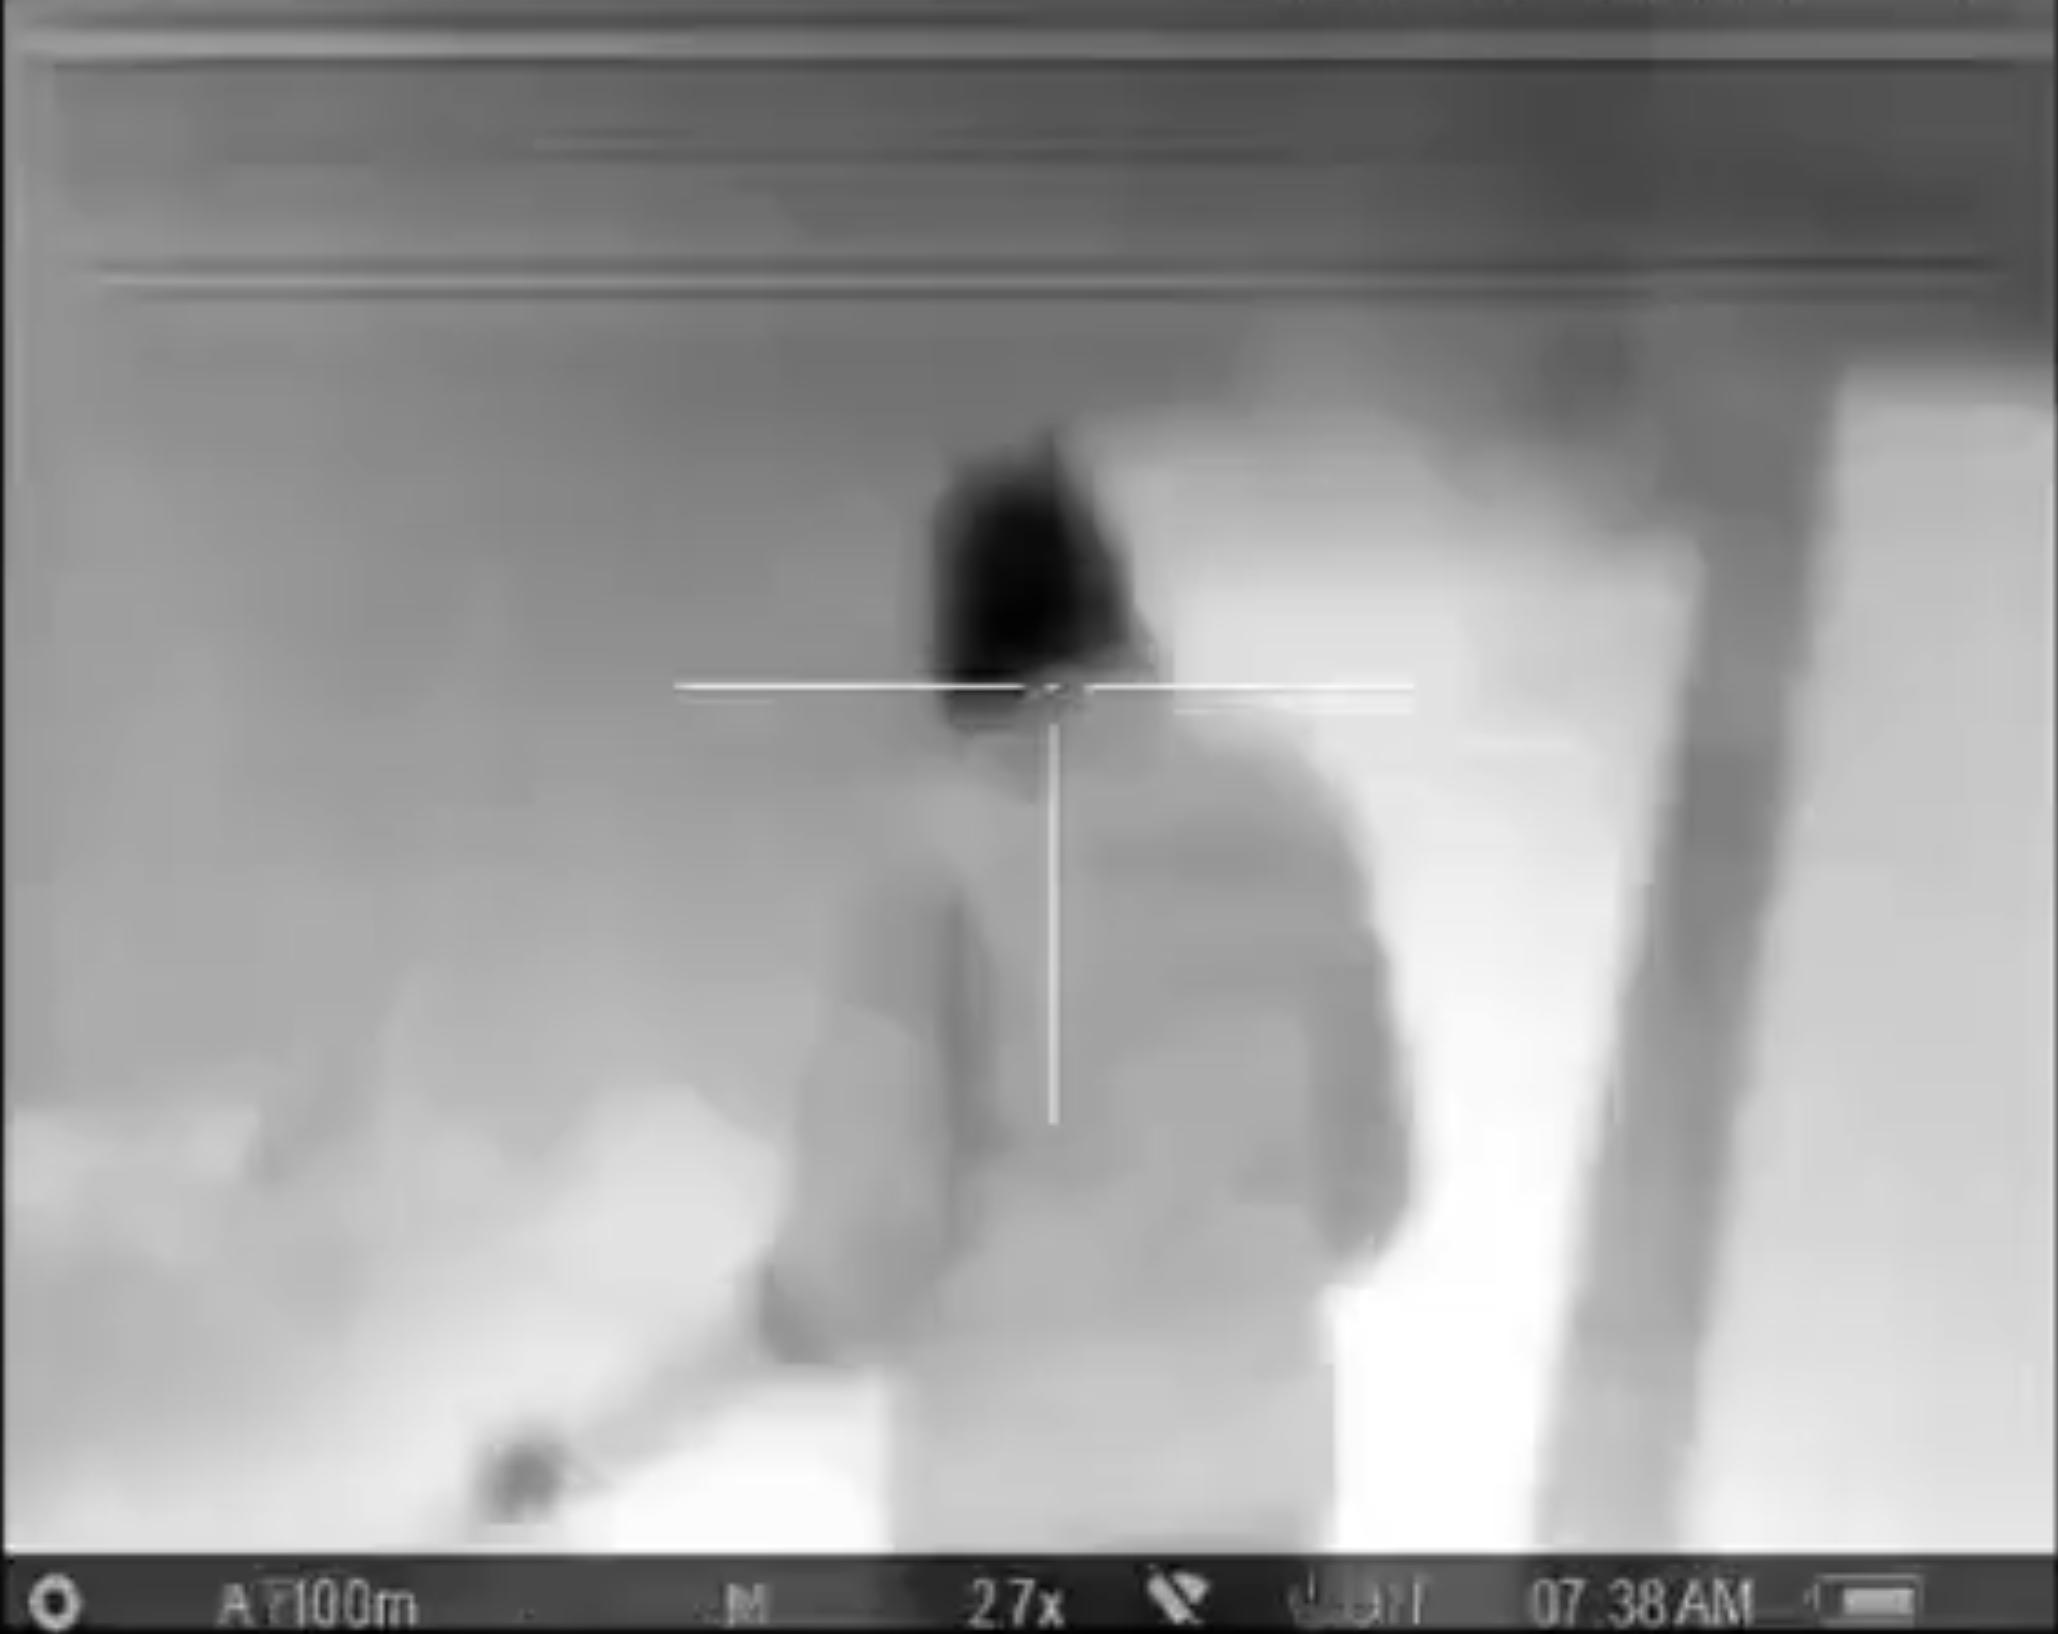 تصایر برگرفته از ویدیویی که طالبان در میانههای فوریه منتشر کرد. در طی ۱۷ دقیقه دست کم ۹ سرباز افغانستانی هدف تکتیرانداز طالبان که مجهز به دوربین حرارتی است قرار میگیرد.